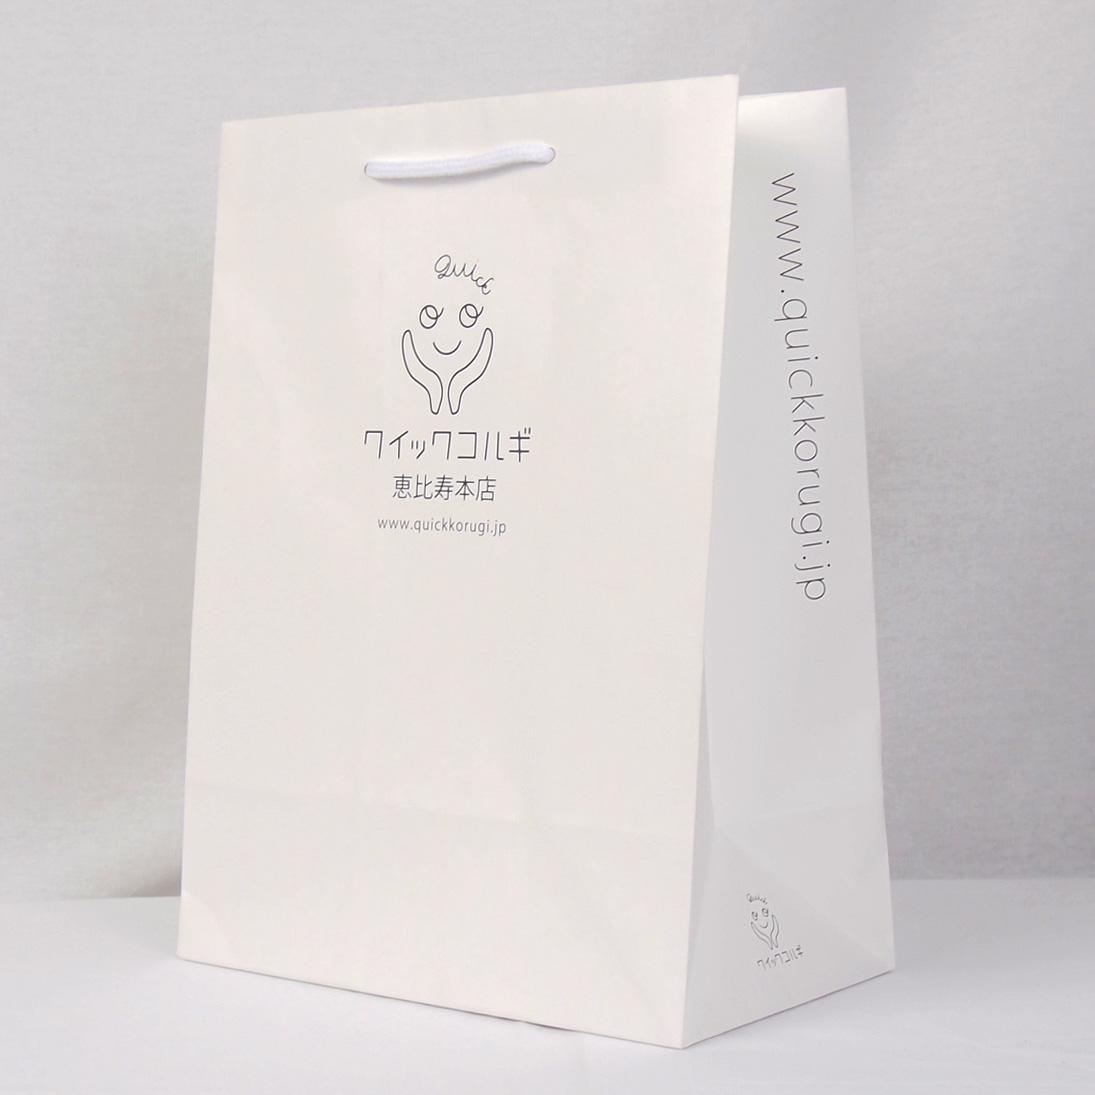 晒クラフト紙の紙袋サンプル2